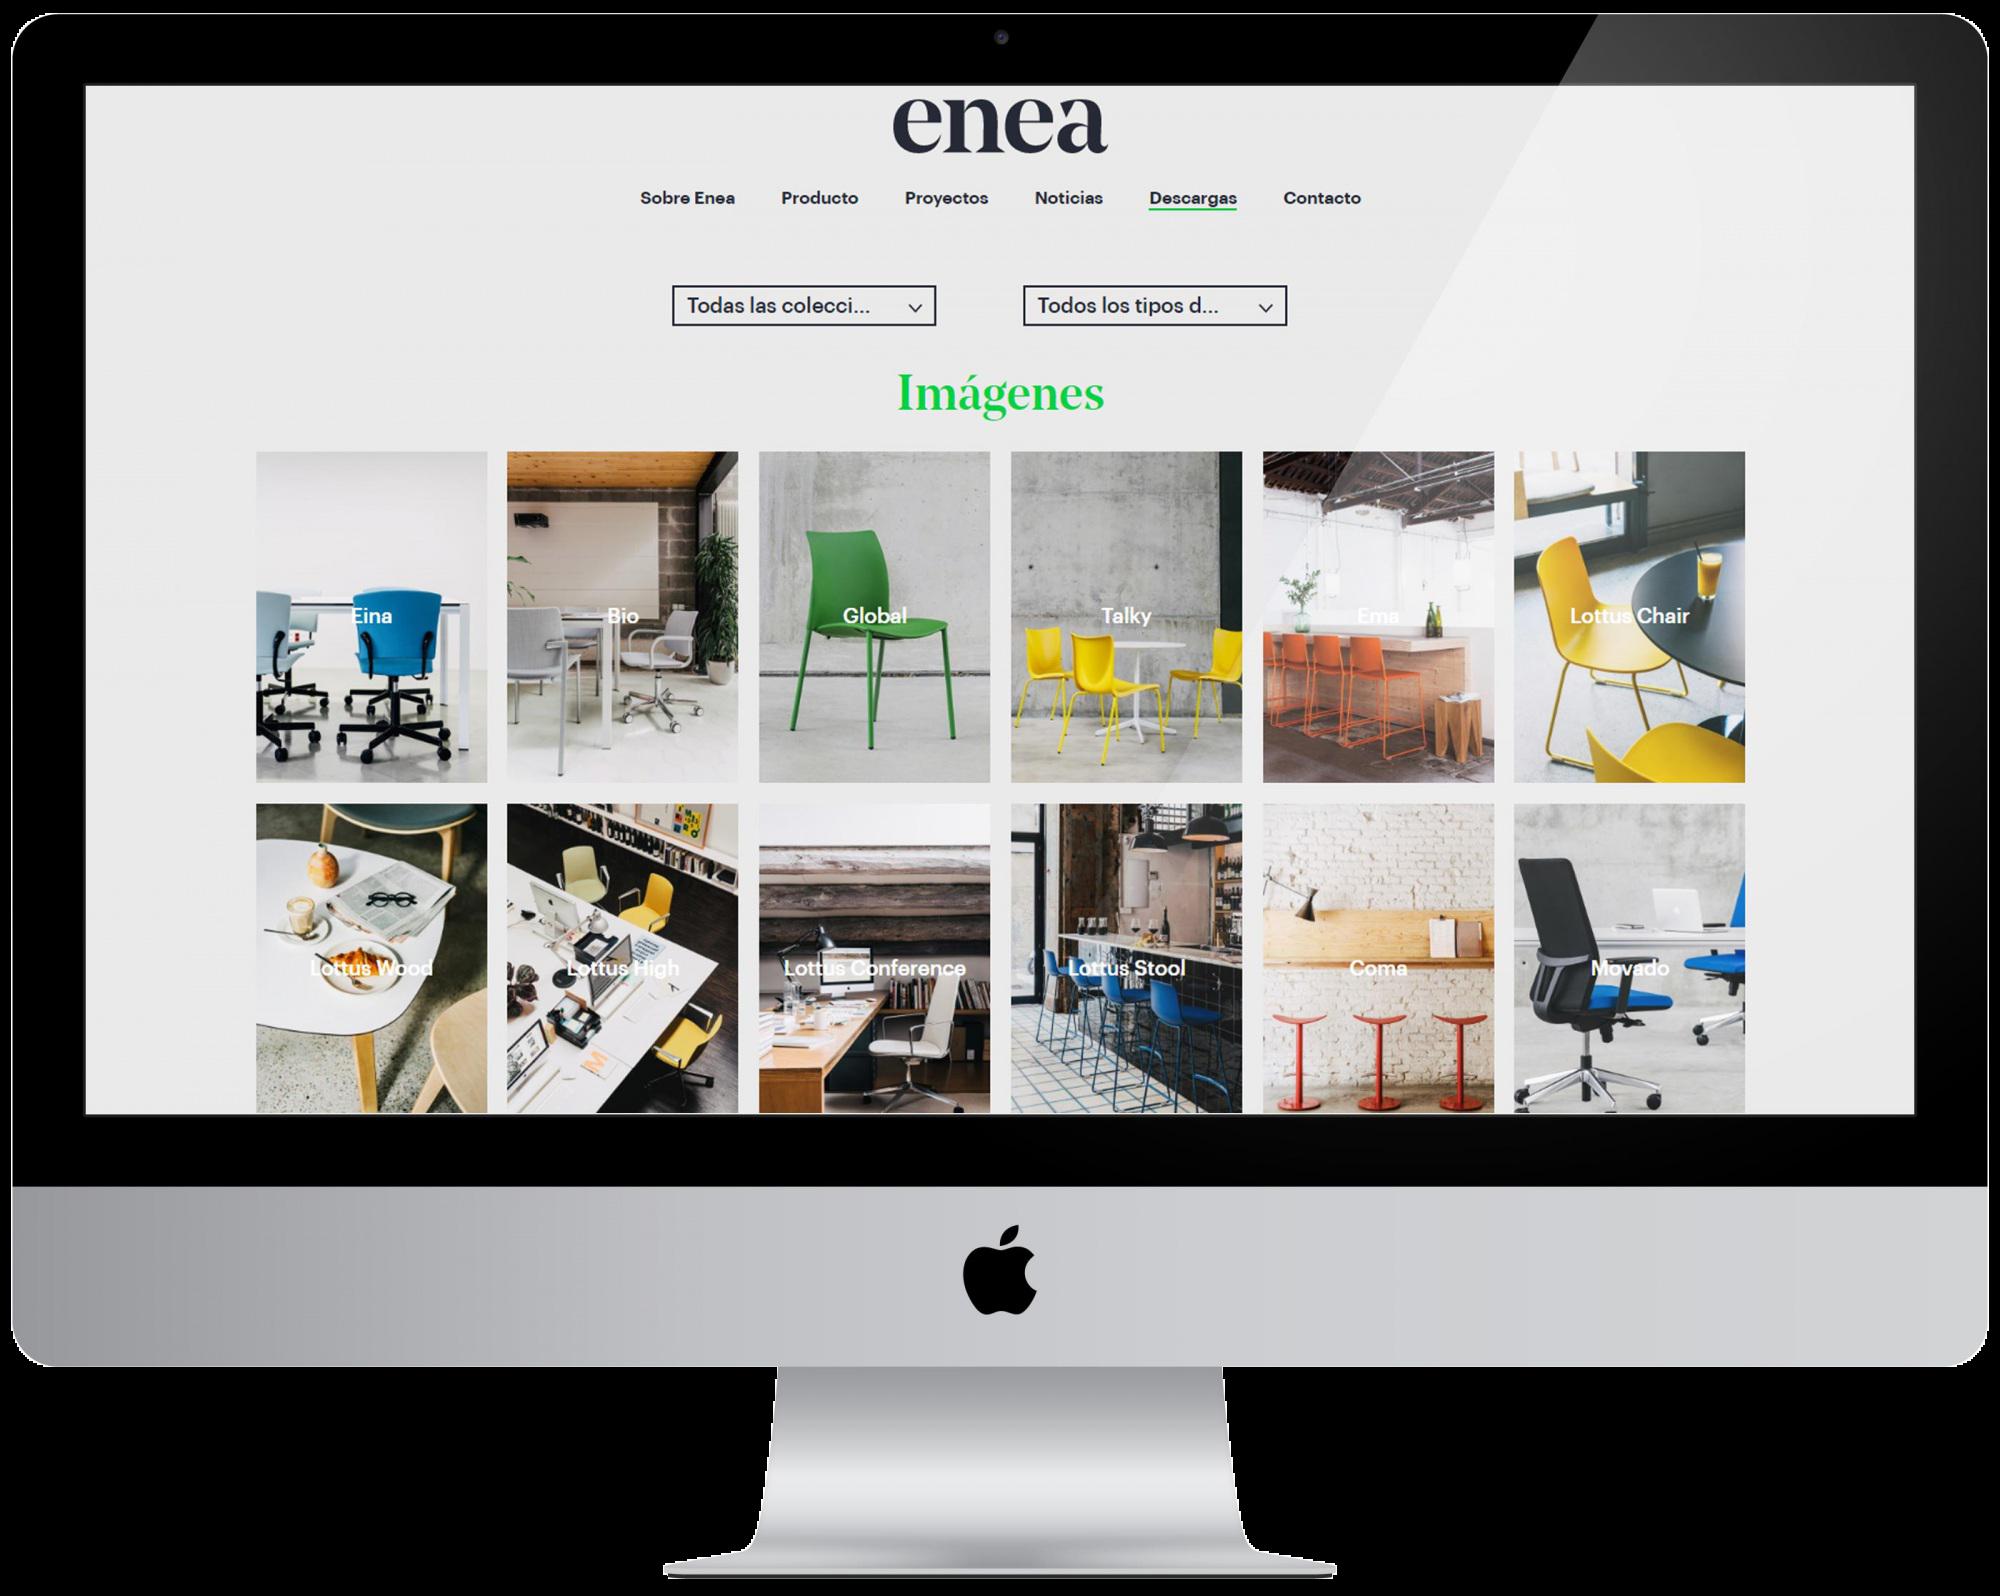 Zona de descargas nueva enea design web